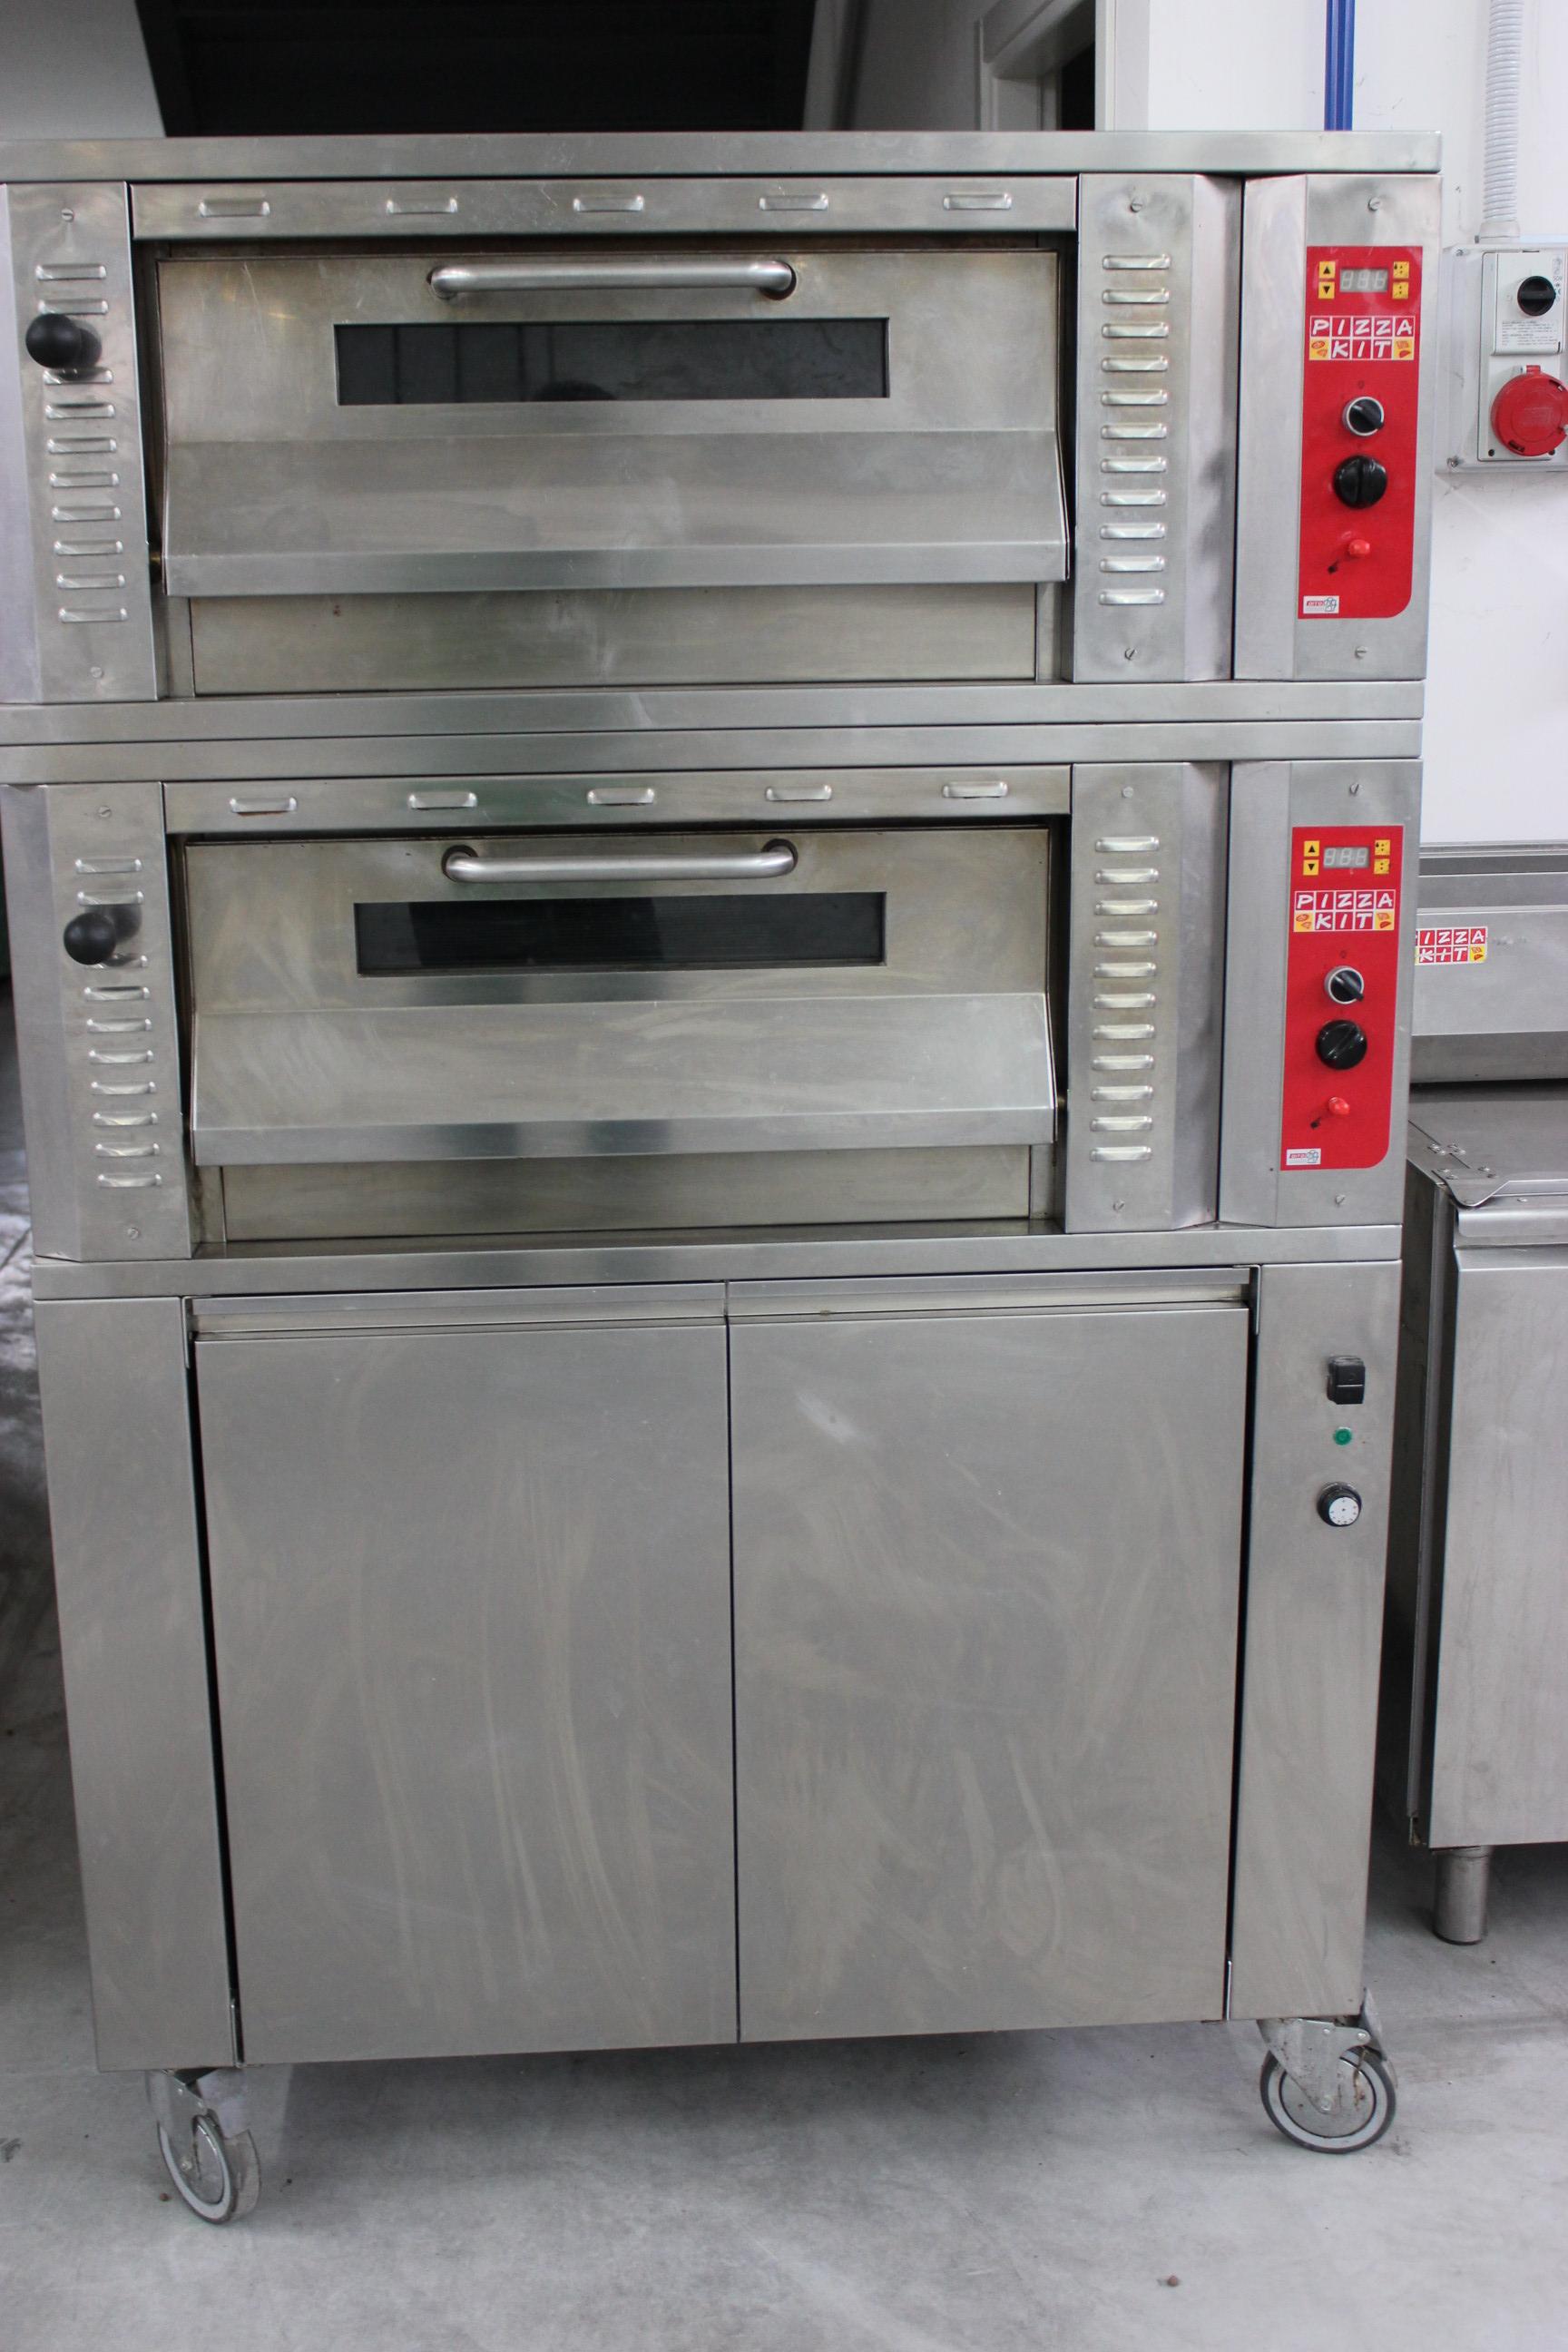 Pizza kit dito forno pizza fo 105 nd 000 09 vendita - Forno con funzione pizza ...